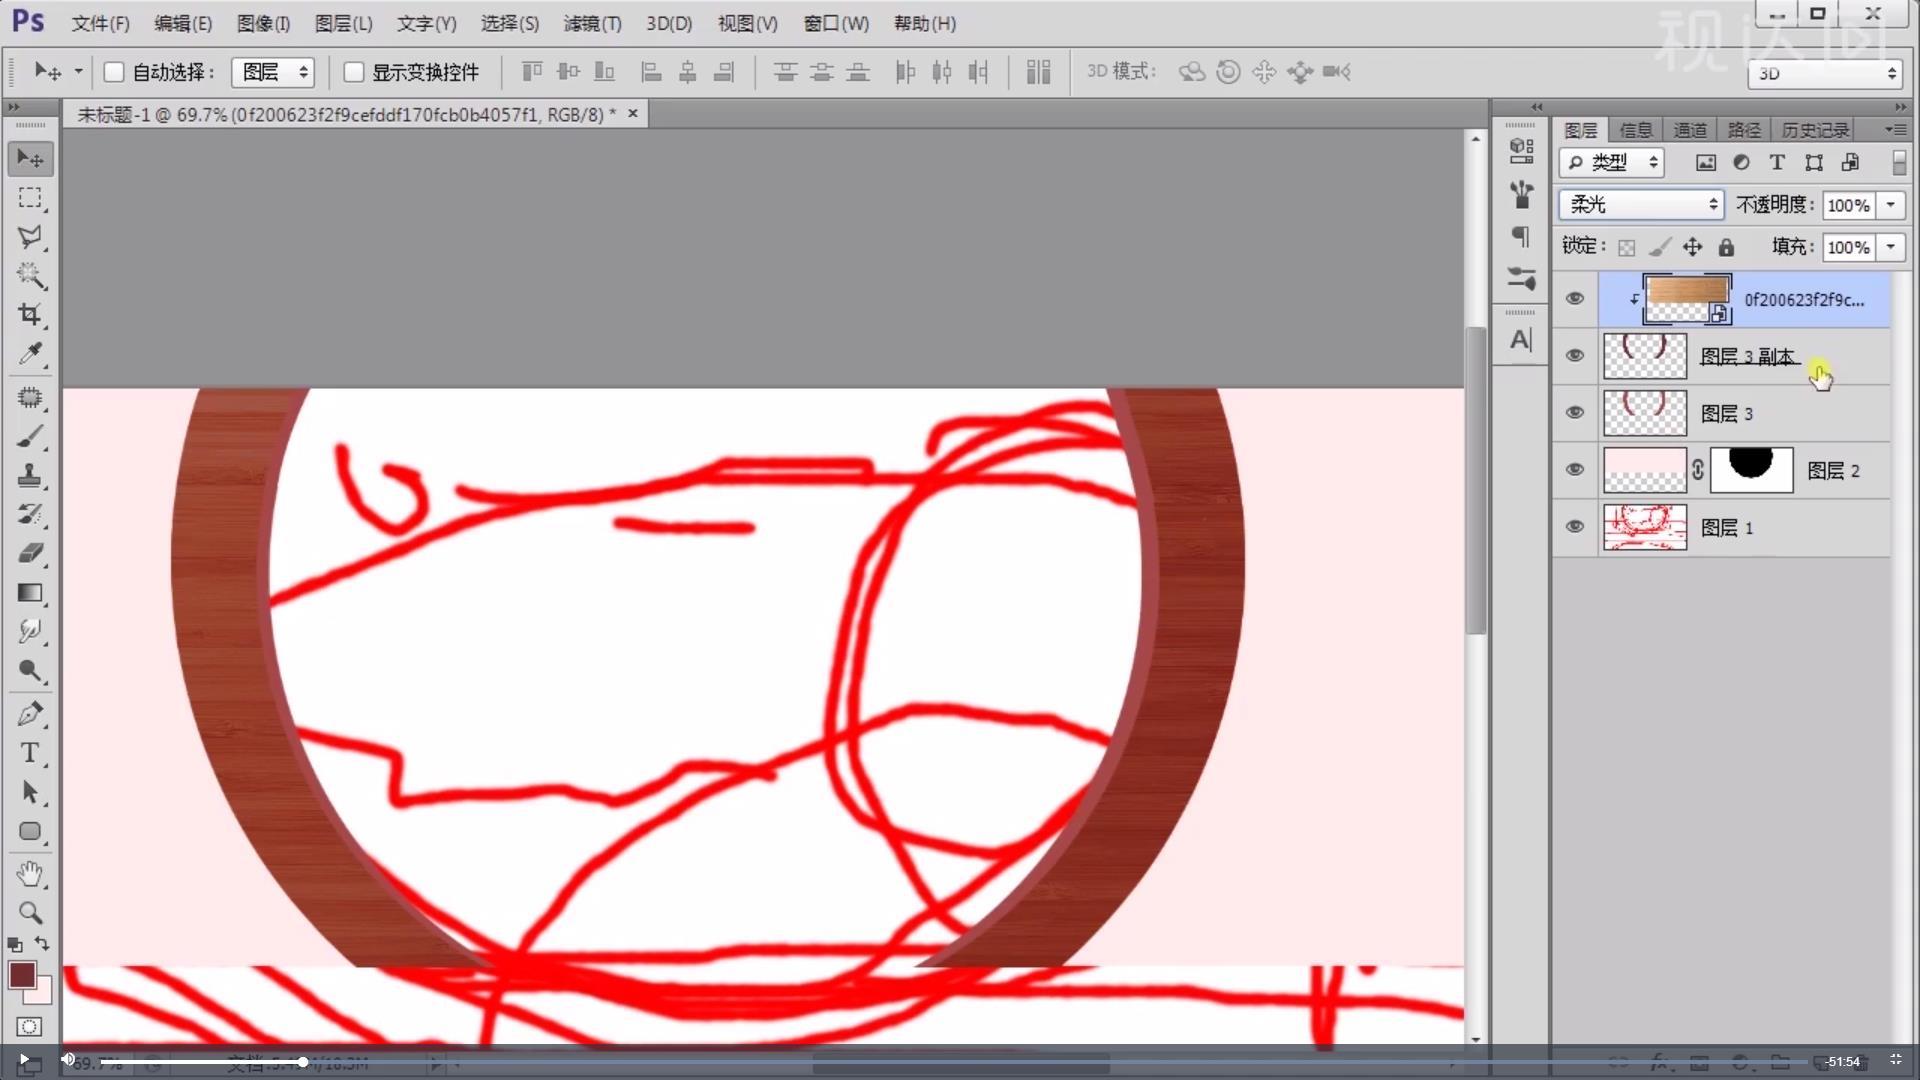 4.置入纹理素材,模式改为柔光,合并对应图层;复制一层,曲线调暗,再把原来的复制一层,曲线调亮,调整色彩平衡;分别添加黑色蒙版,用画笔调整明暗关系;.jpg